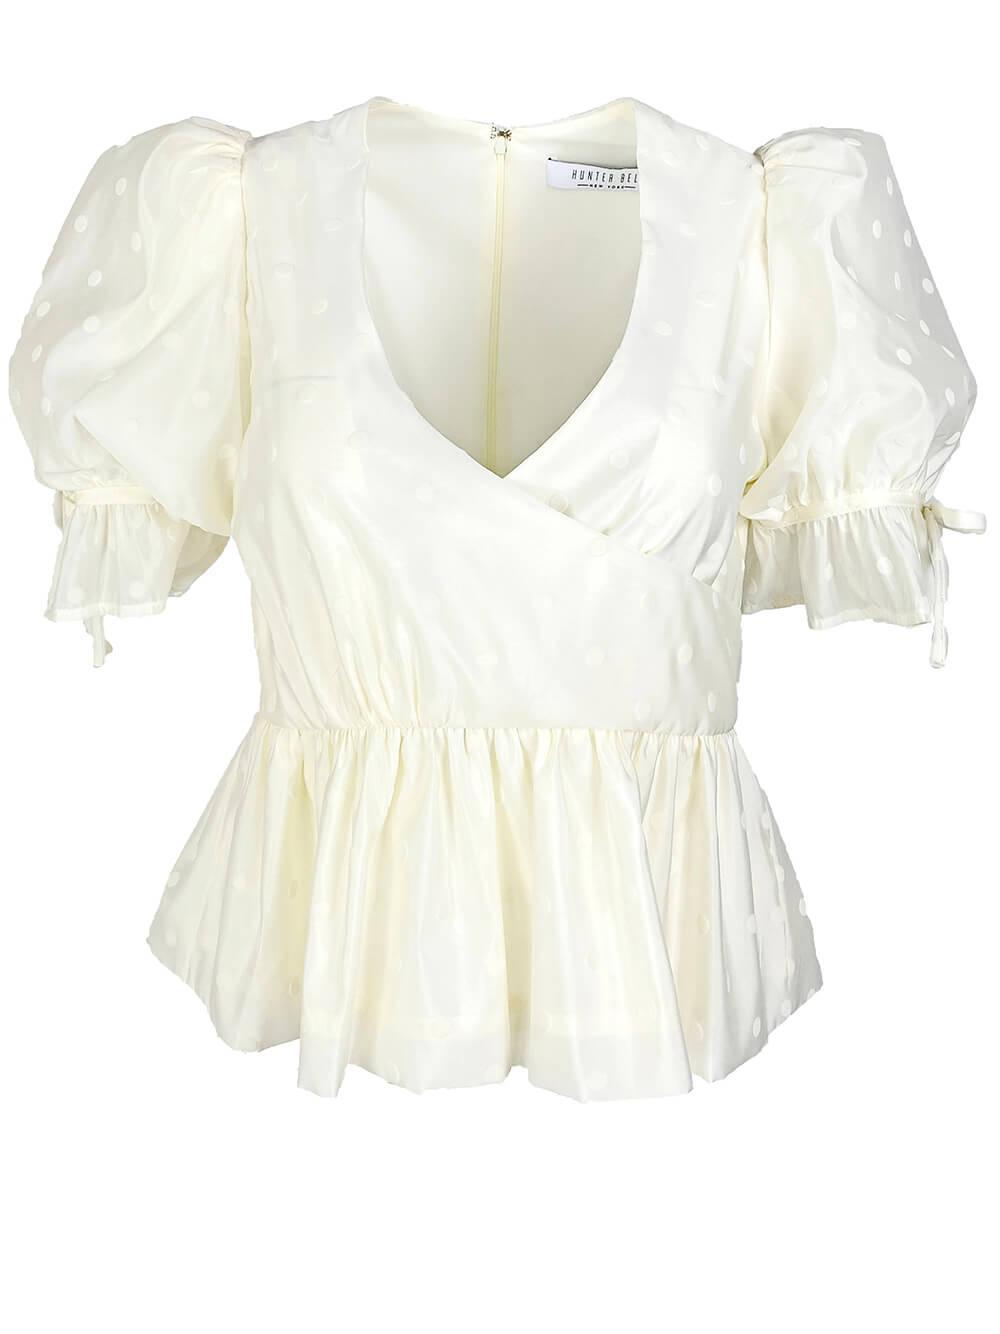 Anna Short Sleeve Dot Cinched Waist Top Item # 20SPT2